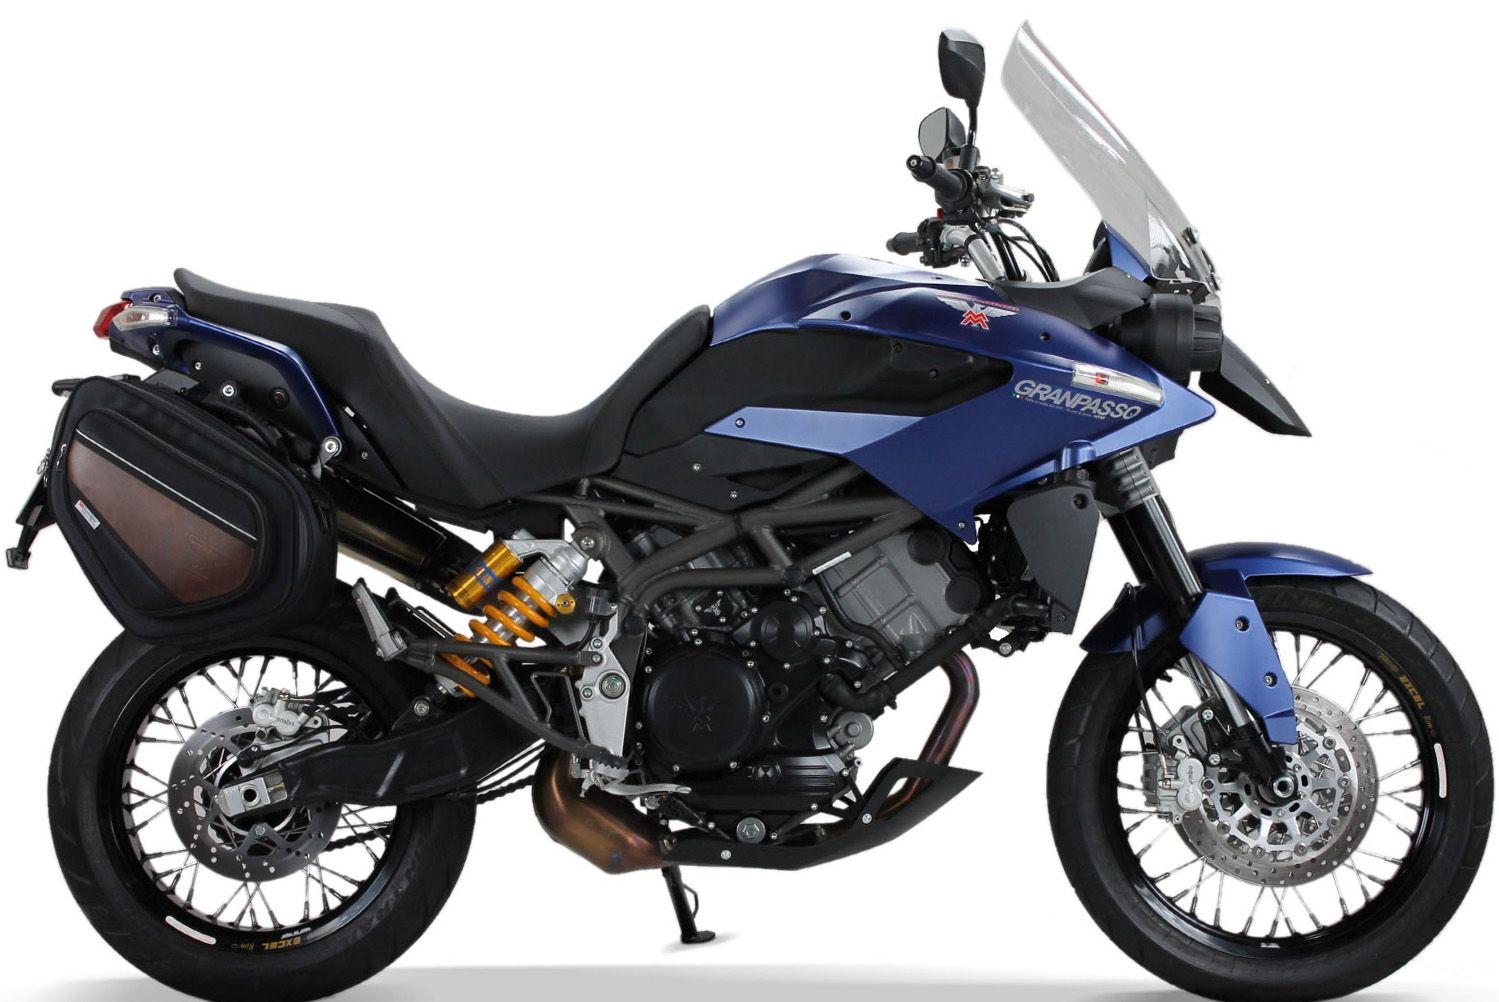 Moto morini granpasso 1200 my 2013 in vendita dal 15 dicembre 2012